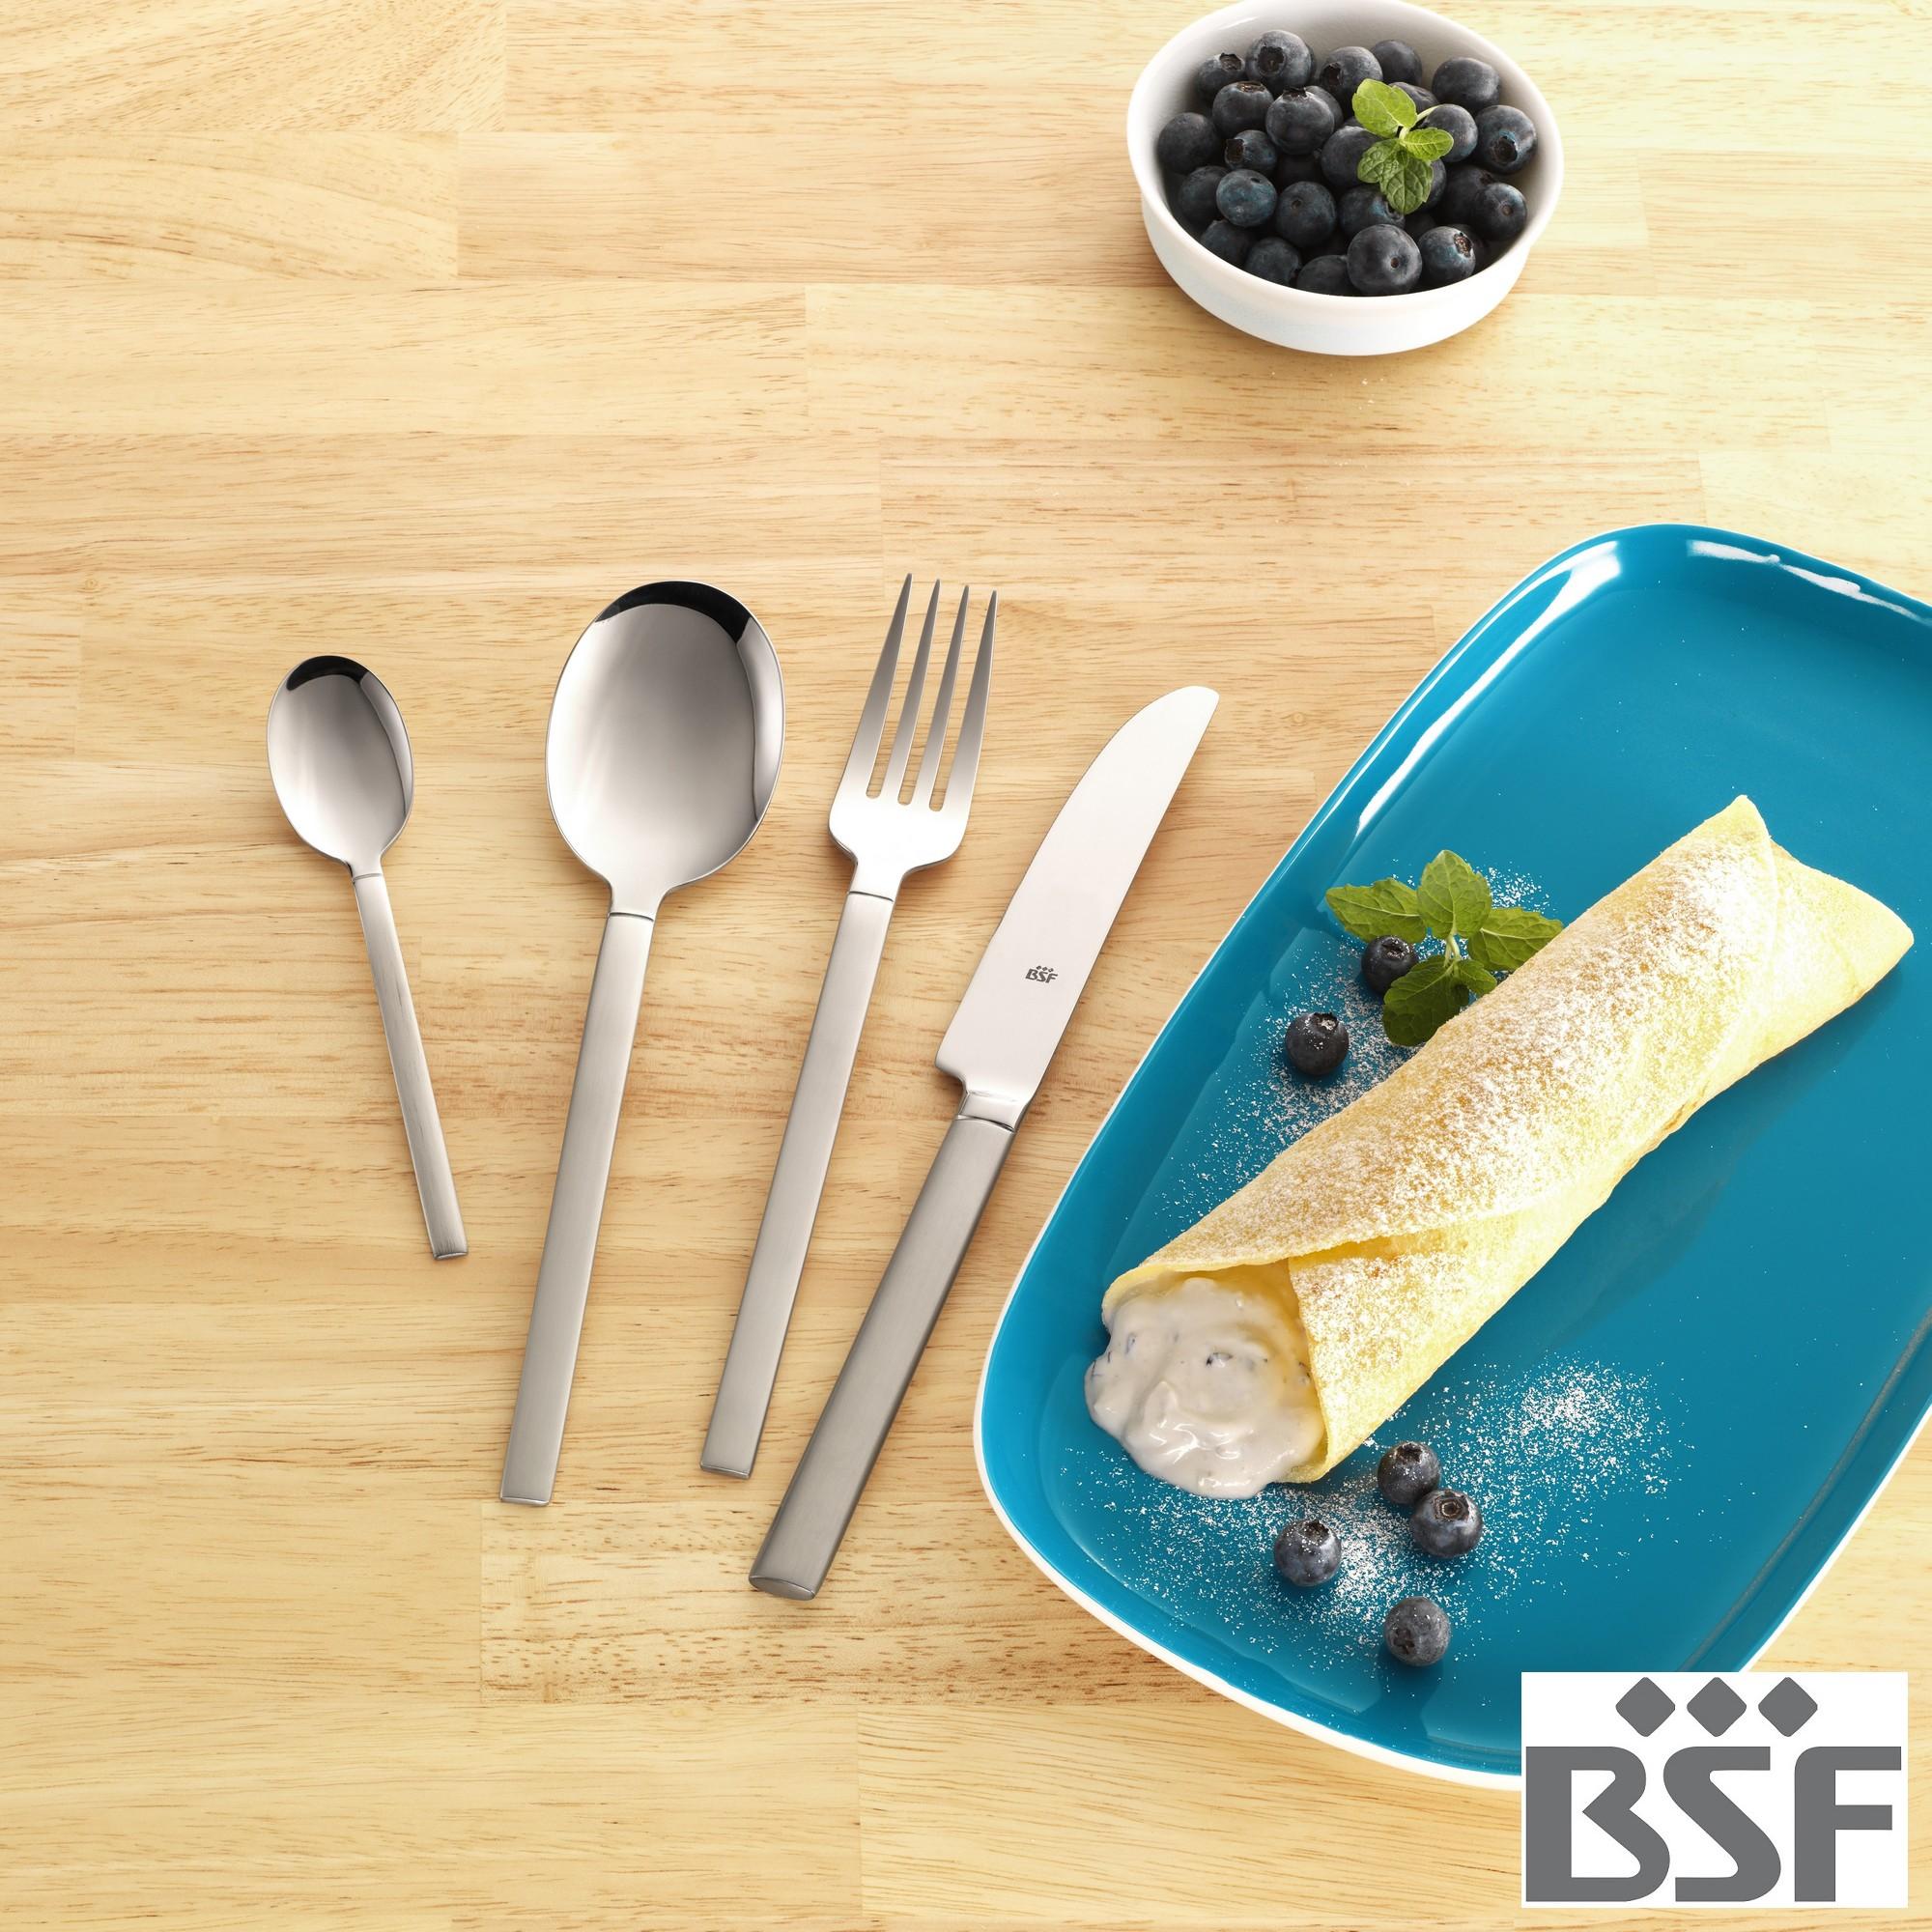 Garfo de Sobremesa BSF Carrara Avulso Caixa com 10 Peças